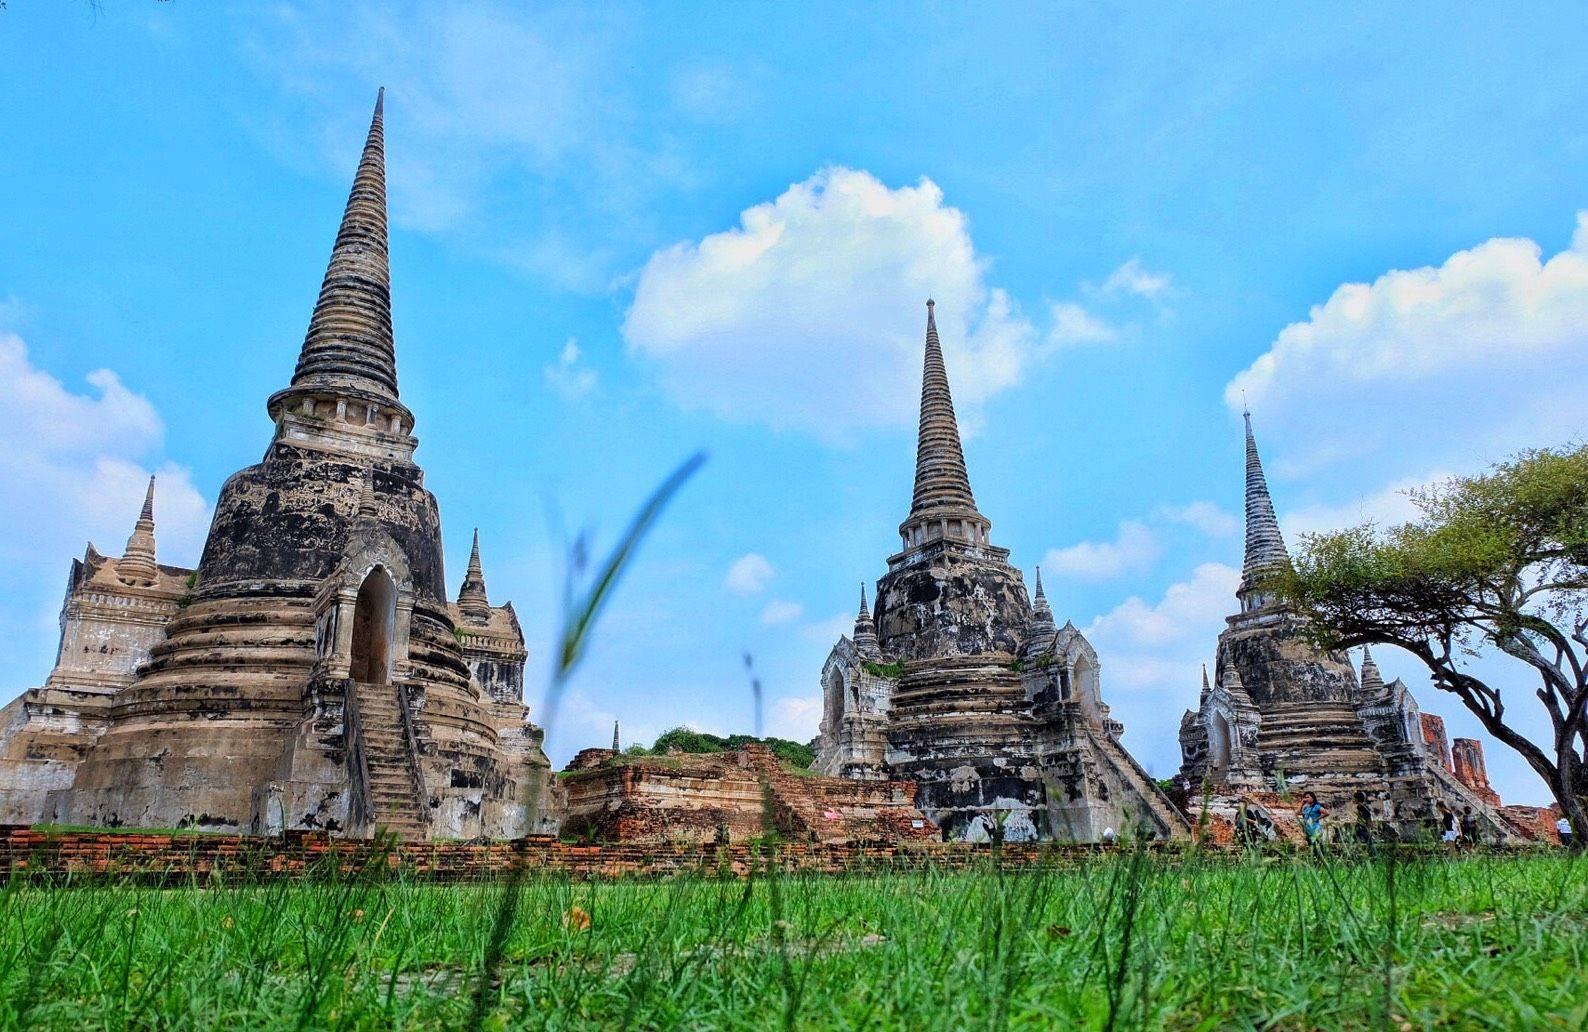 A Wonderful One Day Trip in Ayutthaya